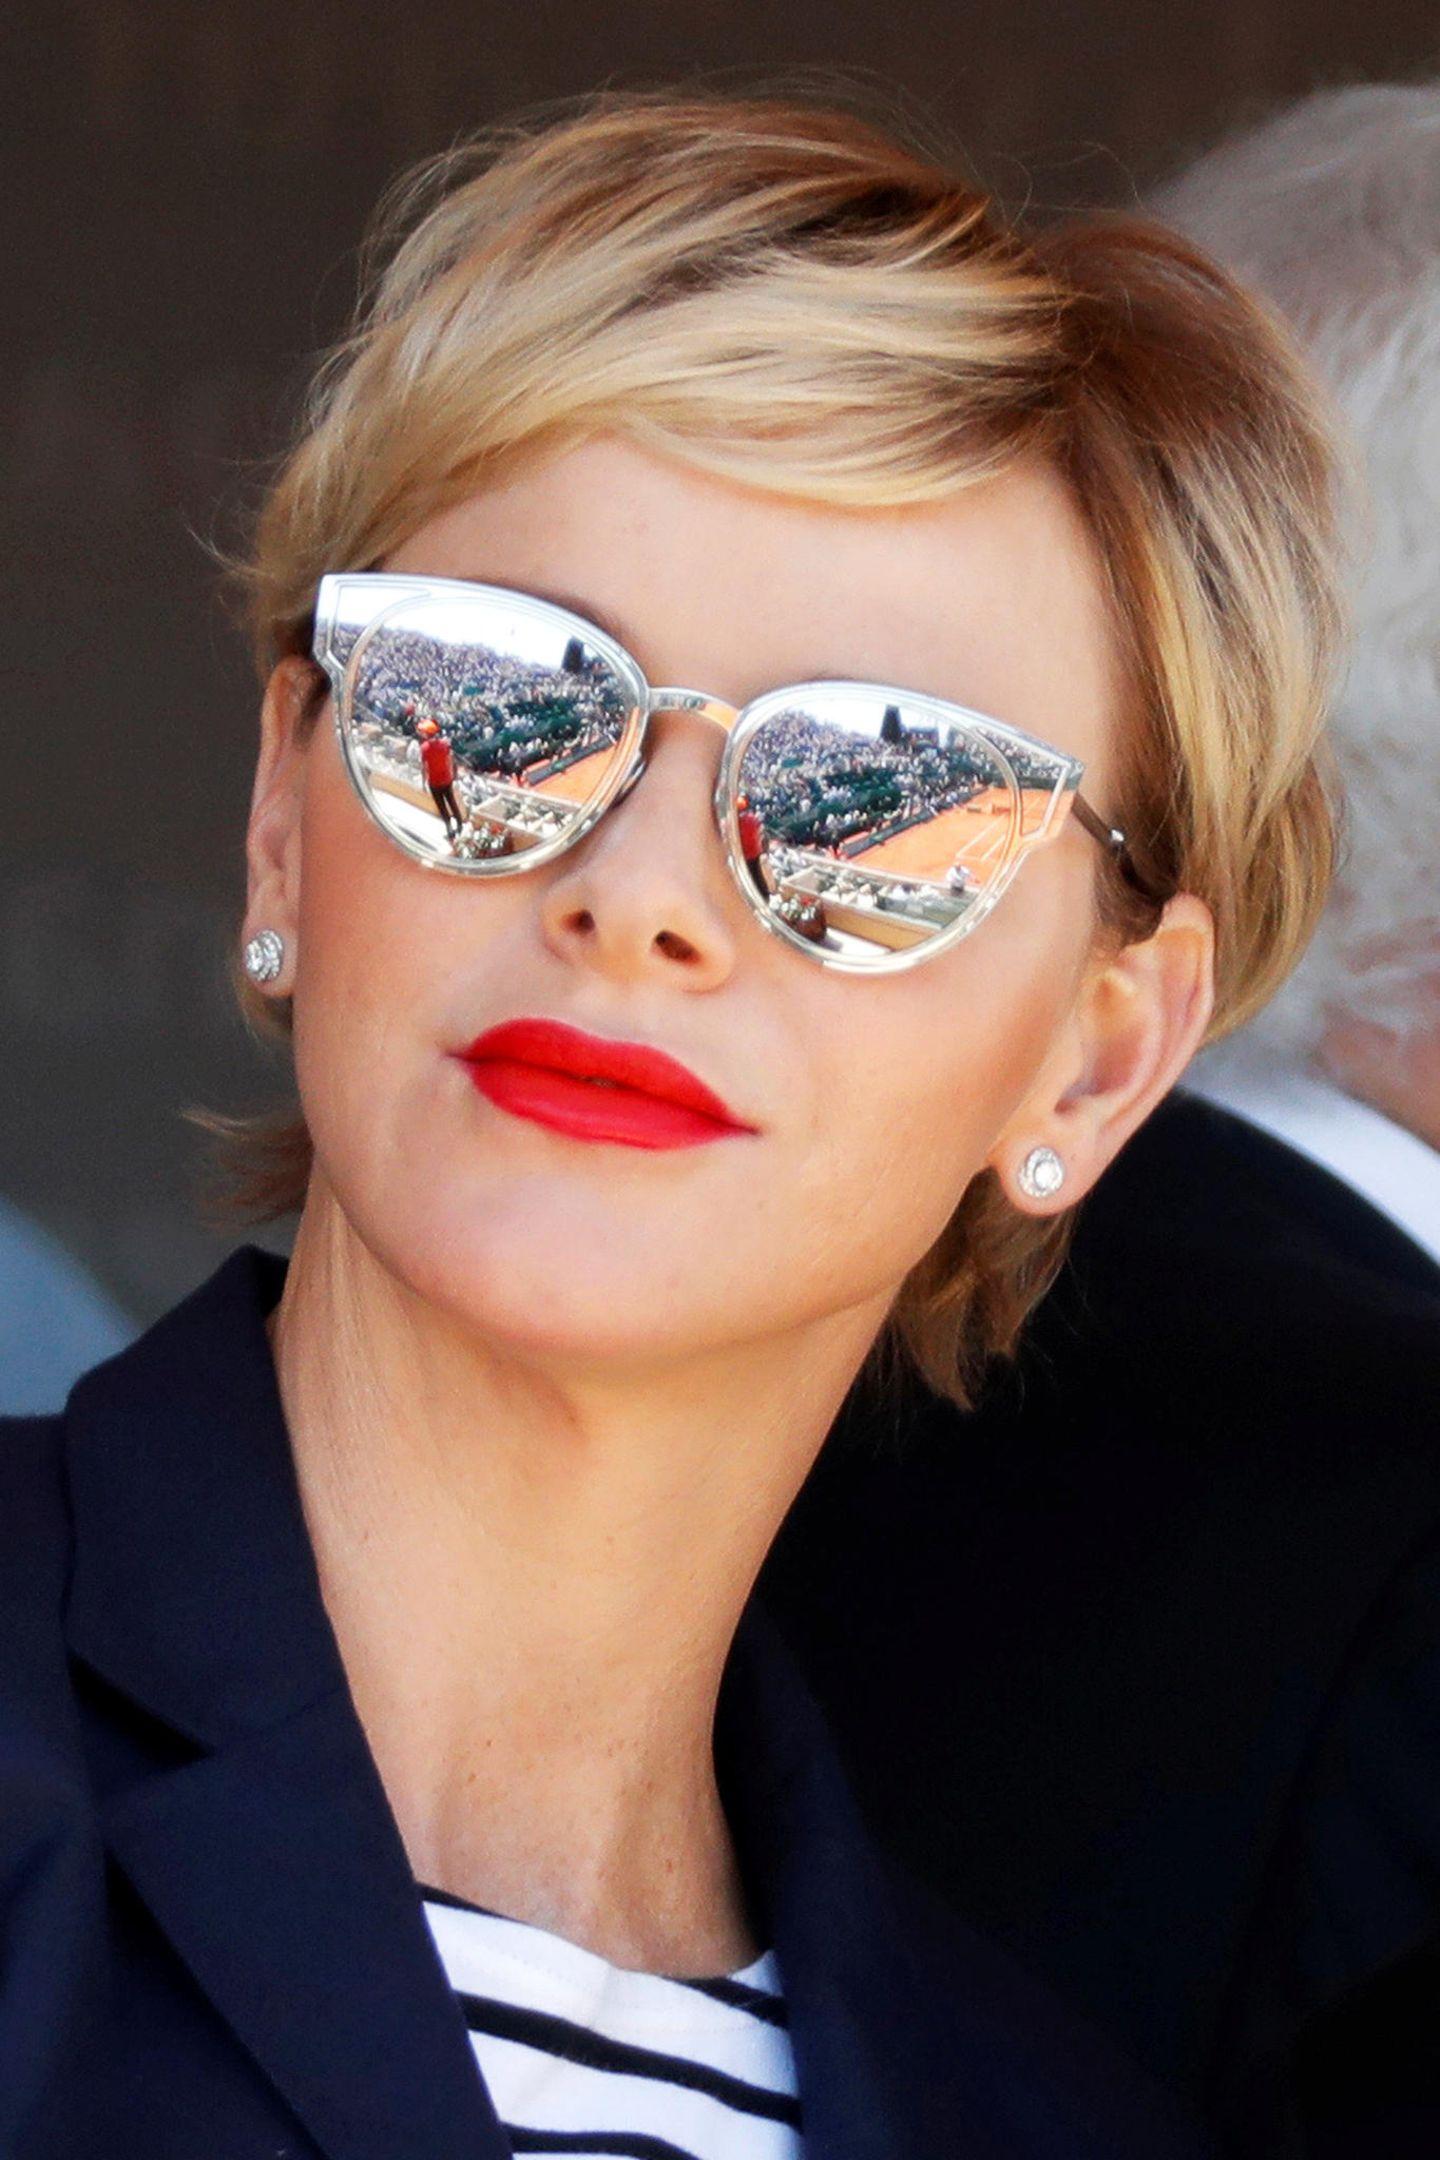 Nicht nur die komplett verspiegelte Sonnenbrille ist ein Hingucker auf der Tribüne, besonders Charlènes rote Lippen und ihr lockeres Haar-Styling fallen ins Auge.